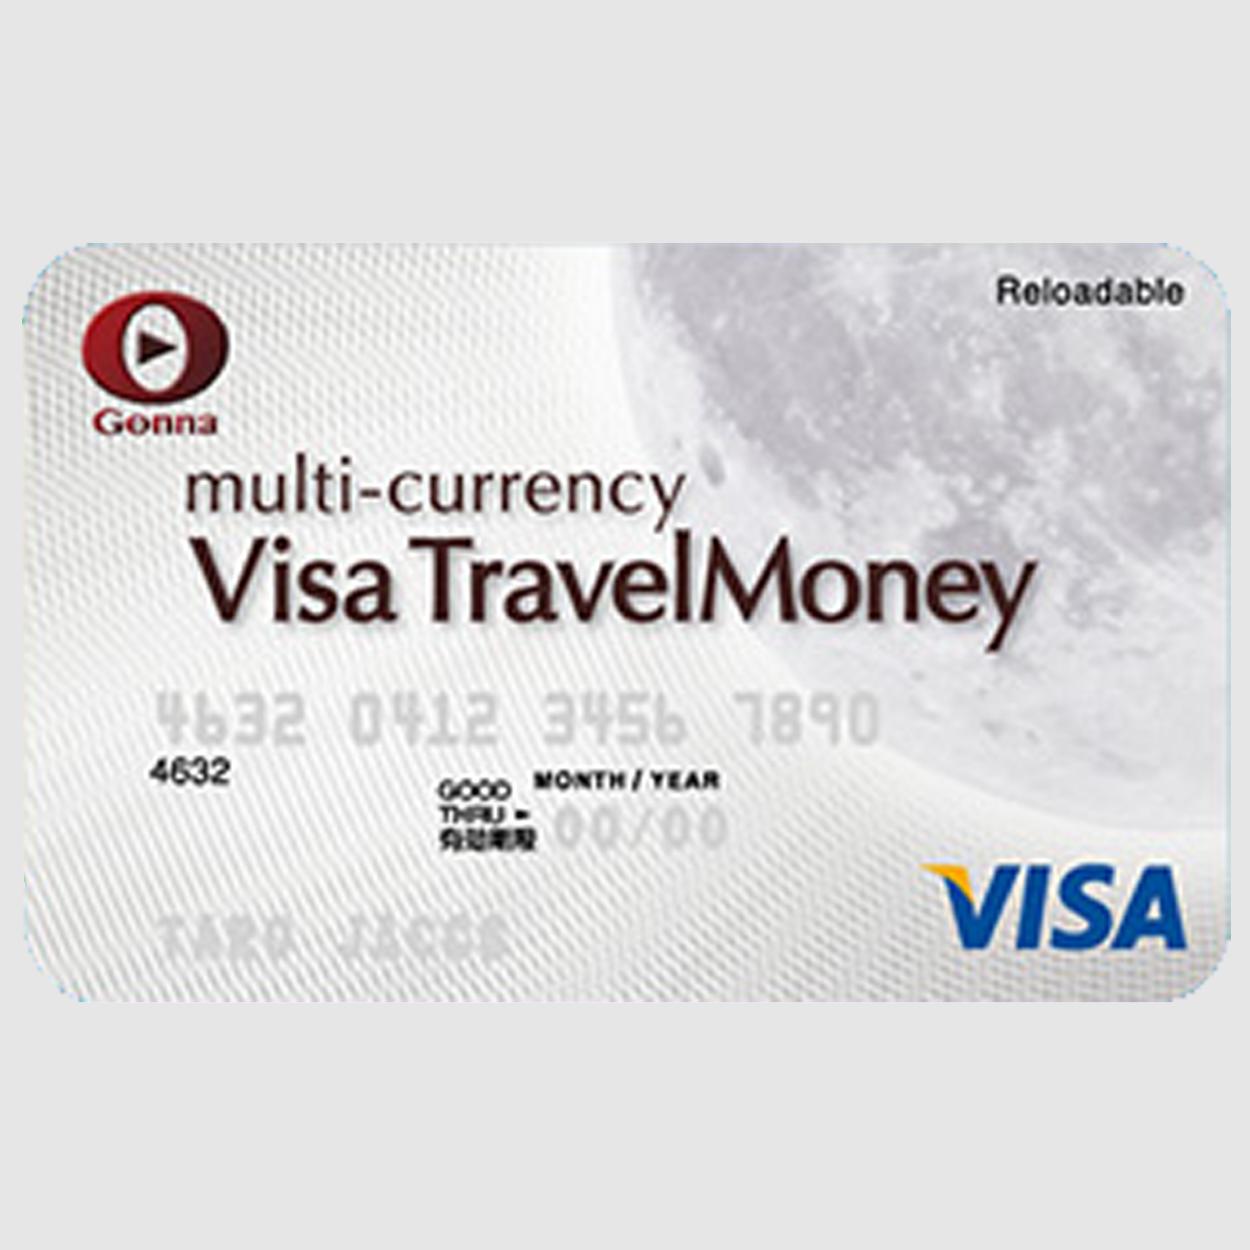 Visa TravelMoneyGonna(ゴナ)カード